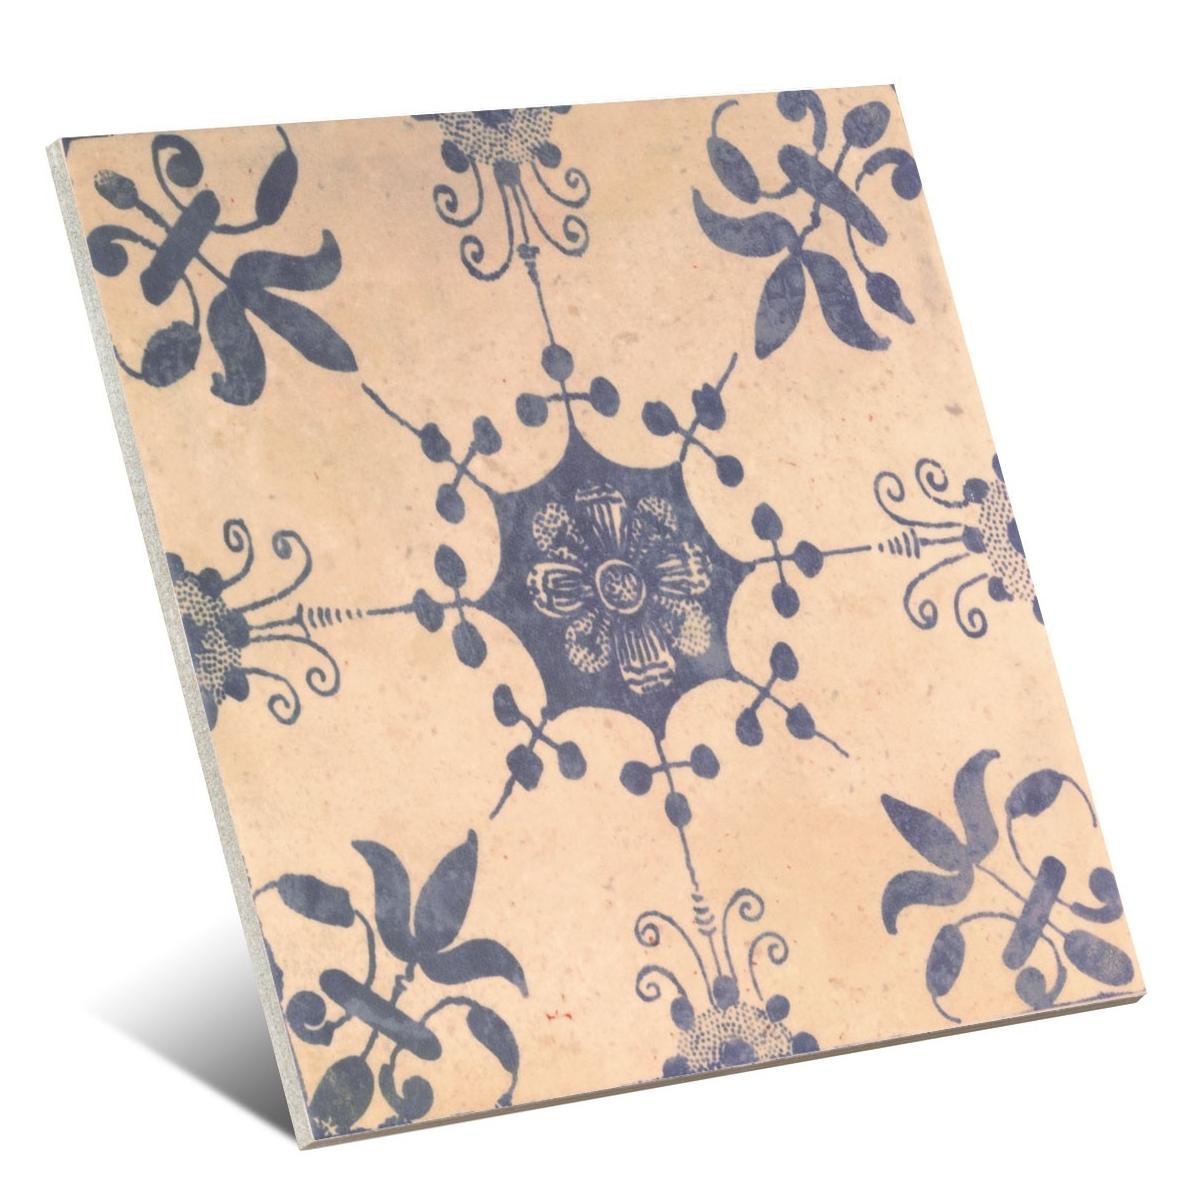 Decor Barro 2 20x20 (caja 1 m2)